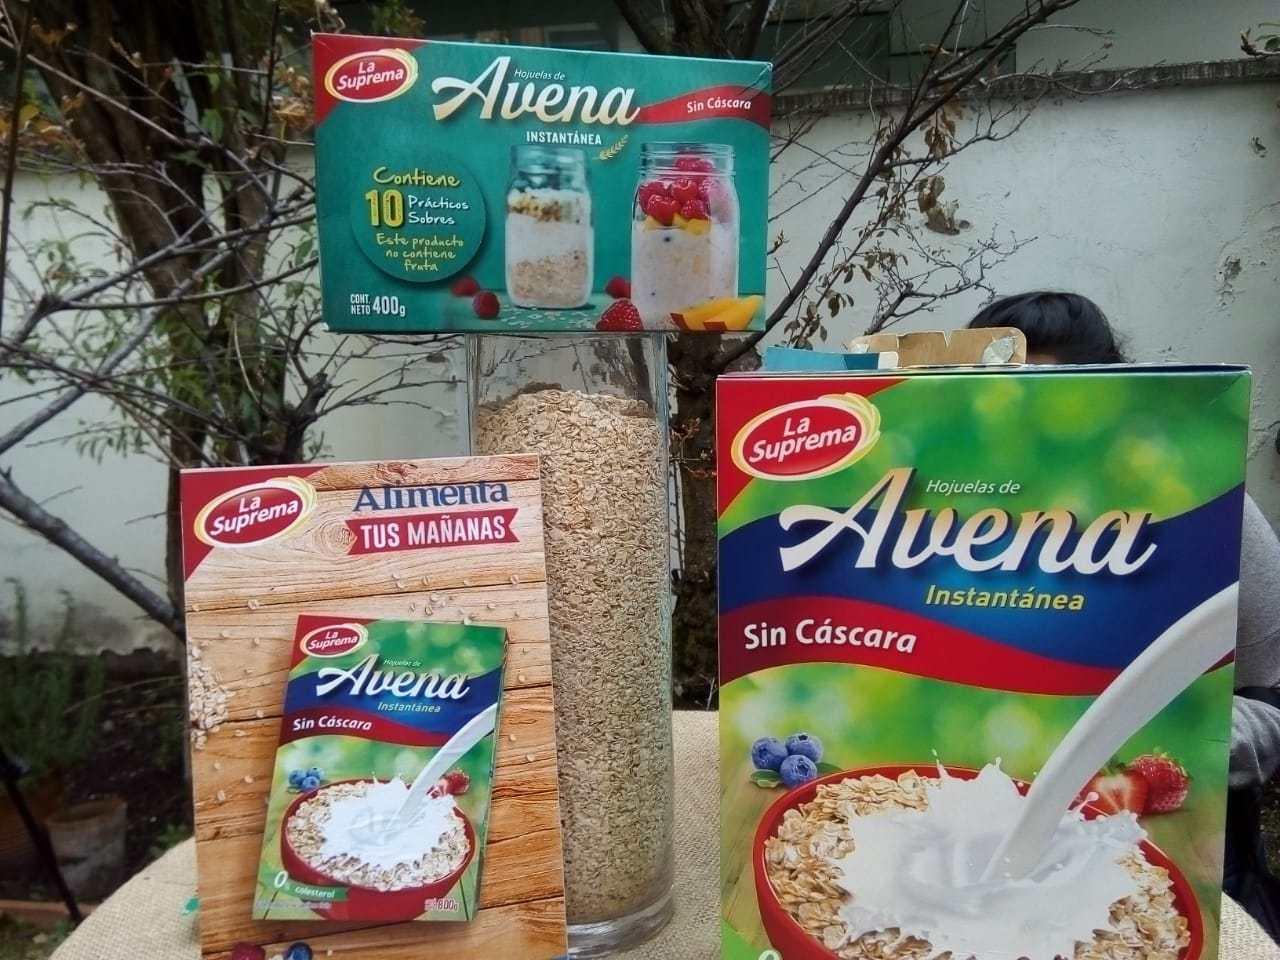 Productos de La Suprema son consumidos por más del 80% de hogares bolivianos